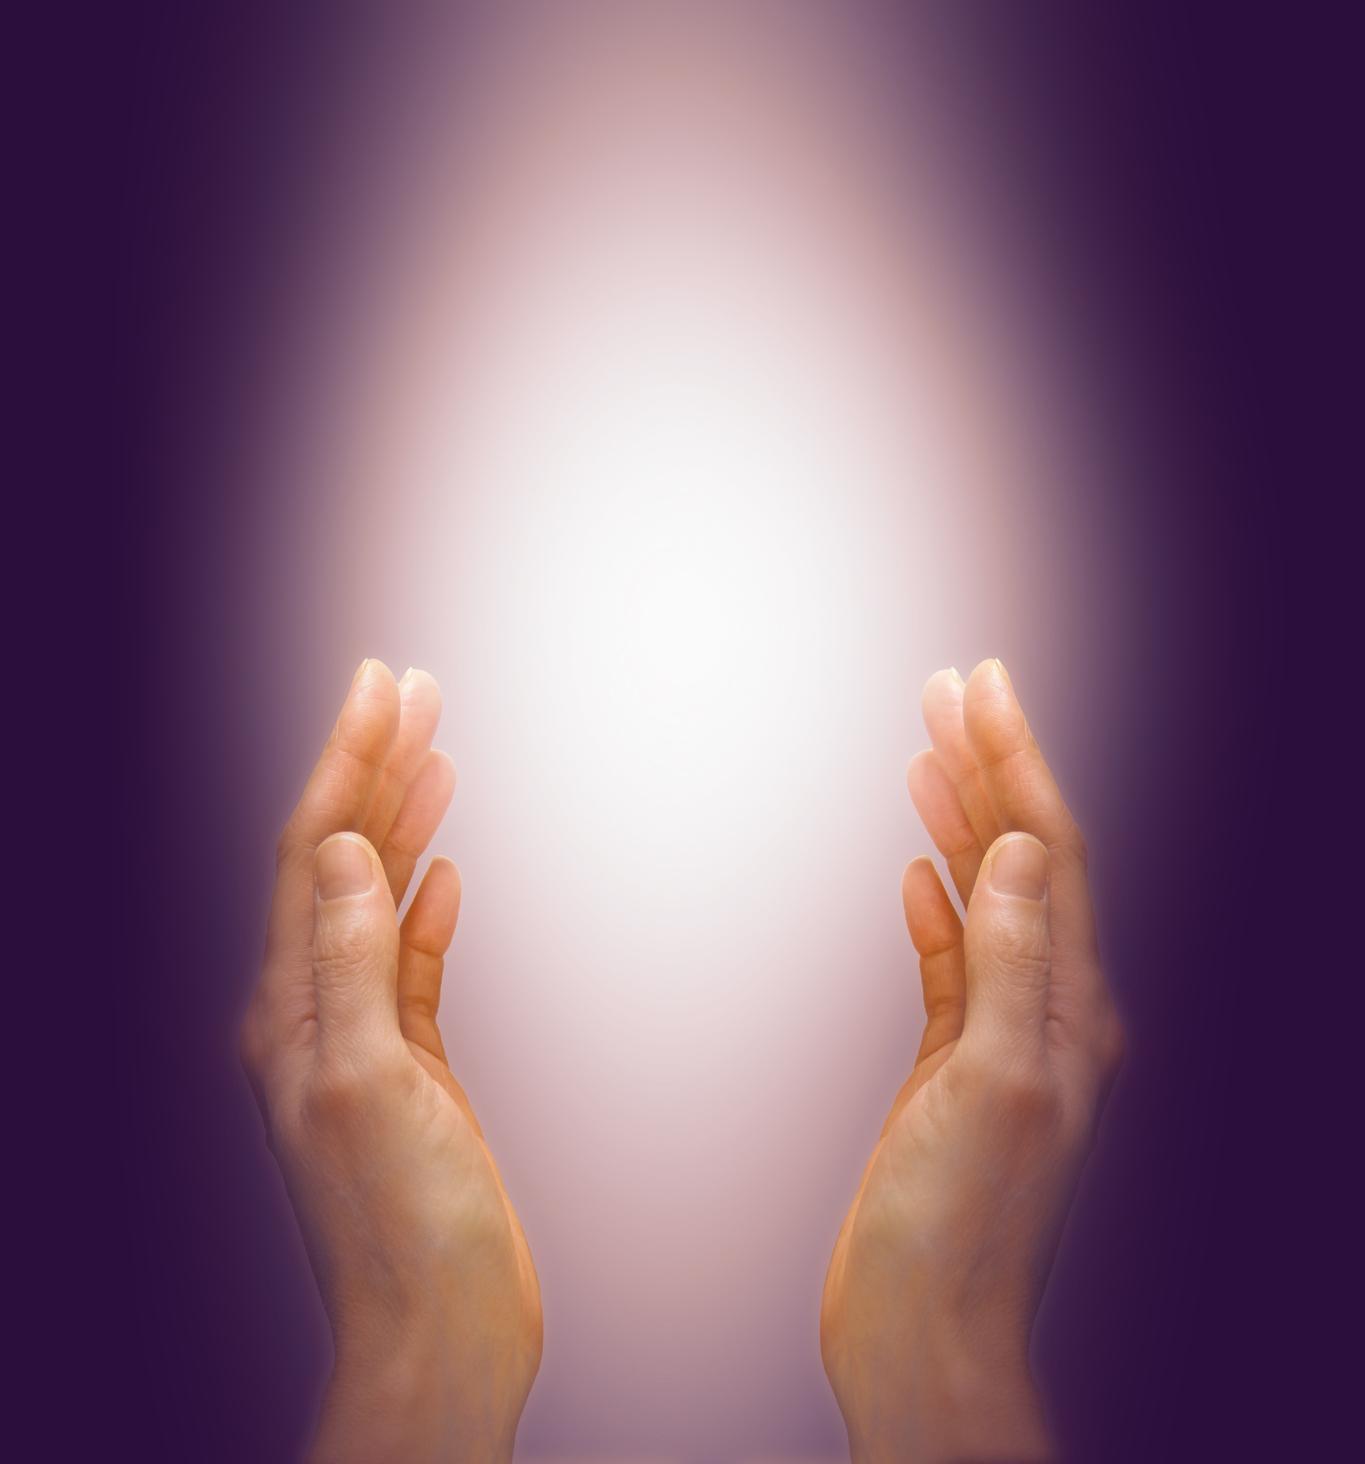 Healing light hands